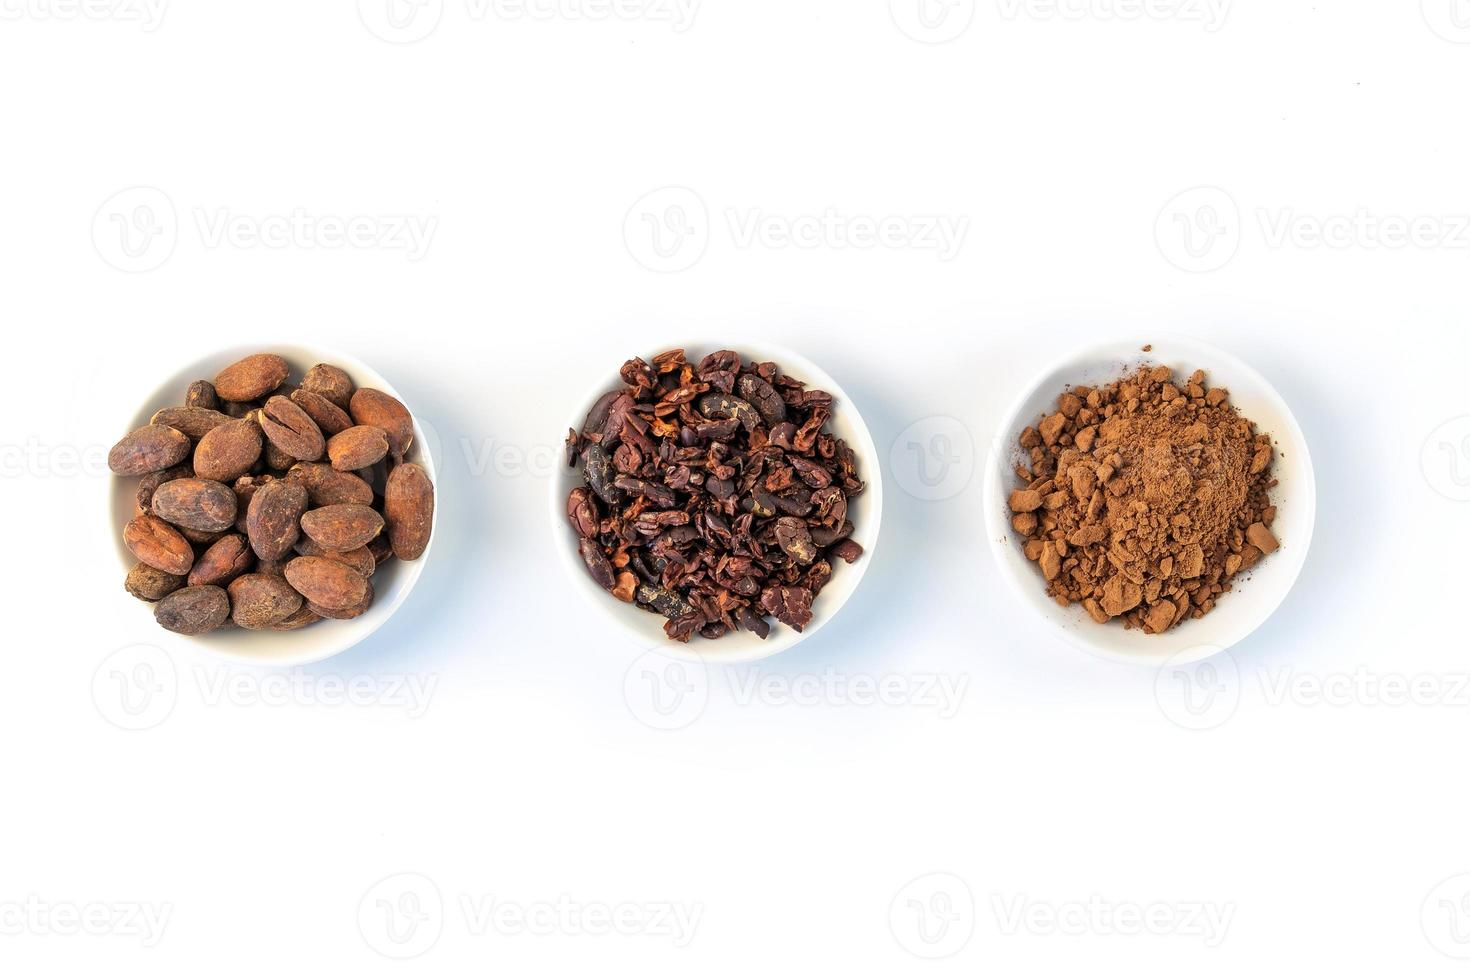 Graines de fèves de cacao, éclats de cacao et poudre de cacao sur fond blanc photo